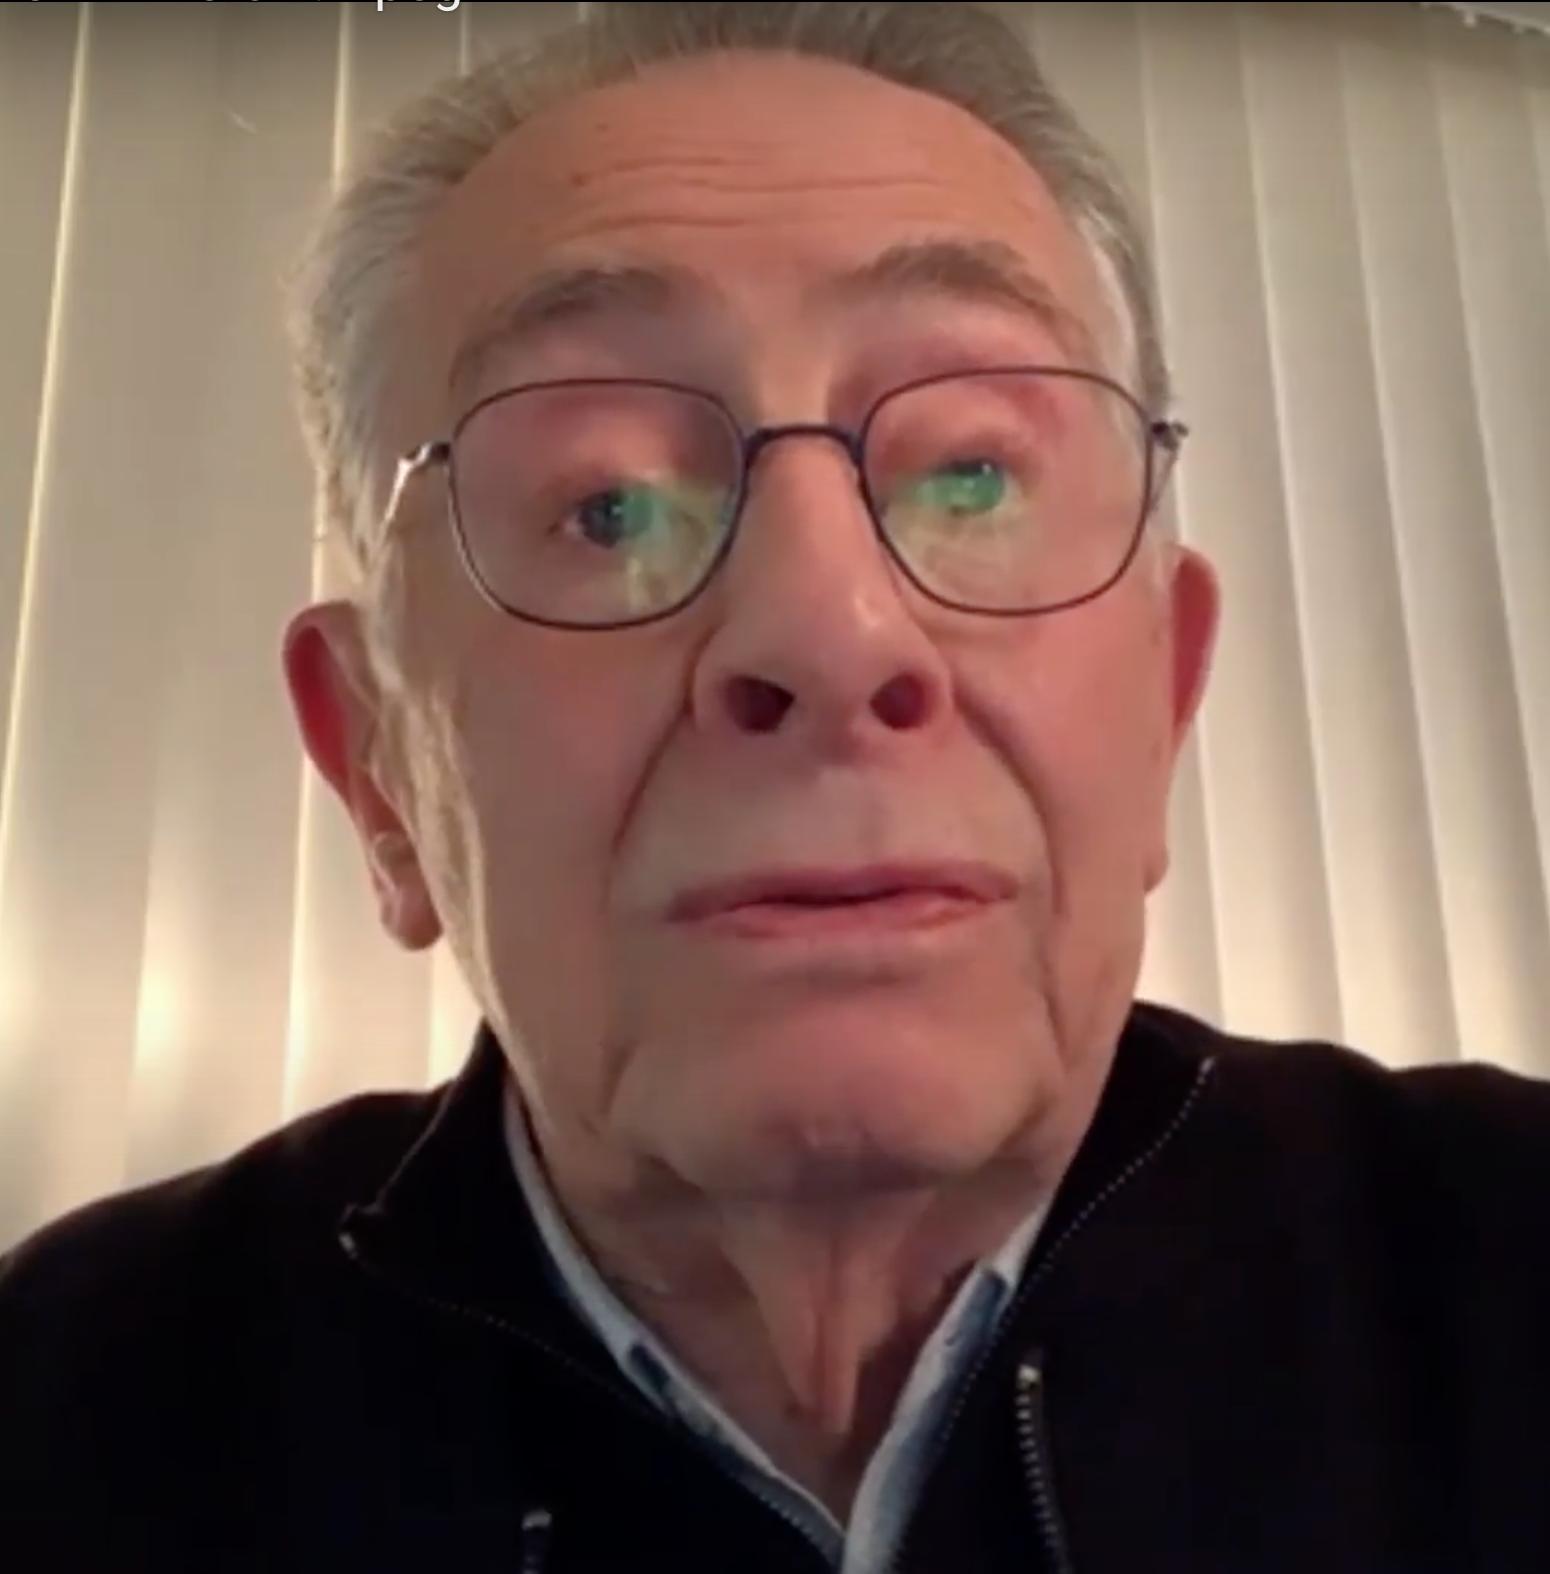 Holocaust survivors react to anti-Semitic TikTok video